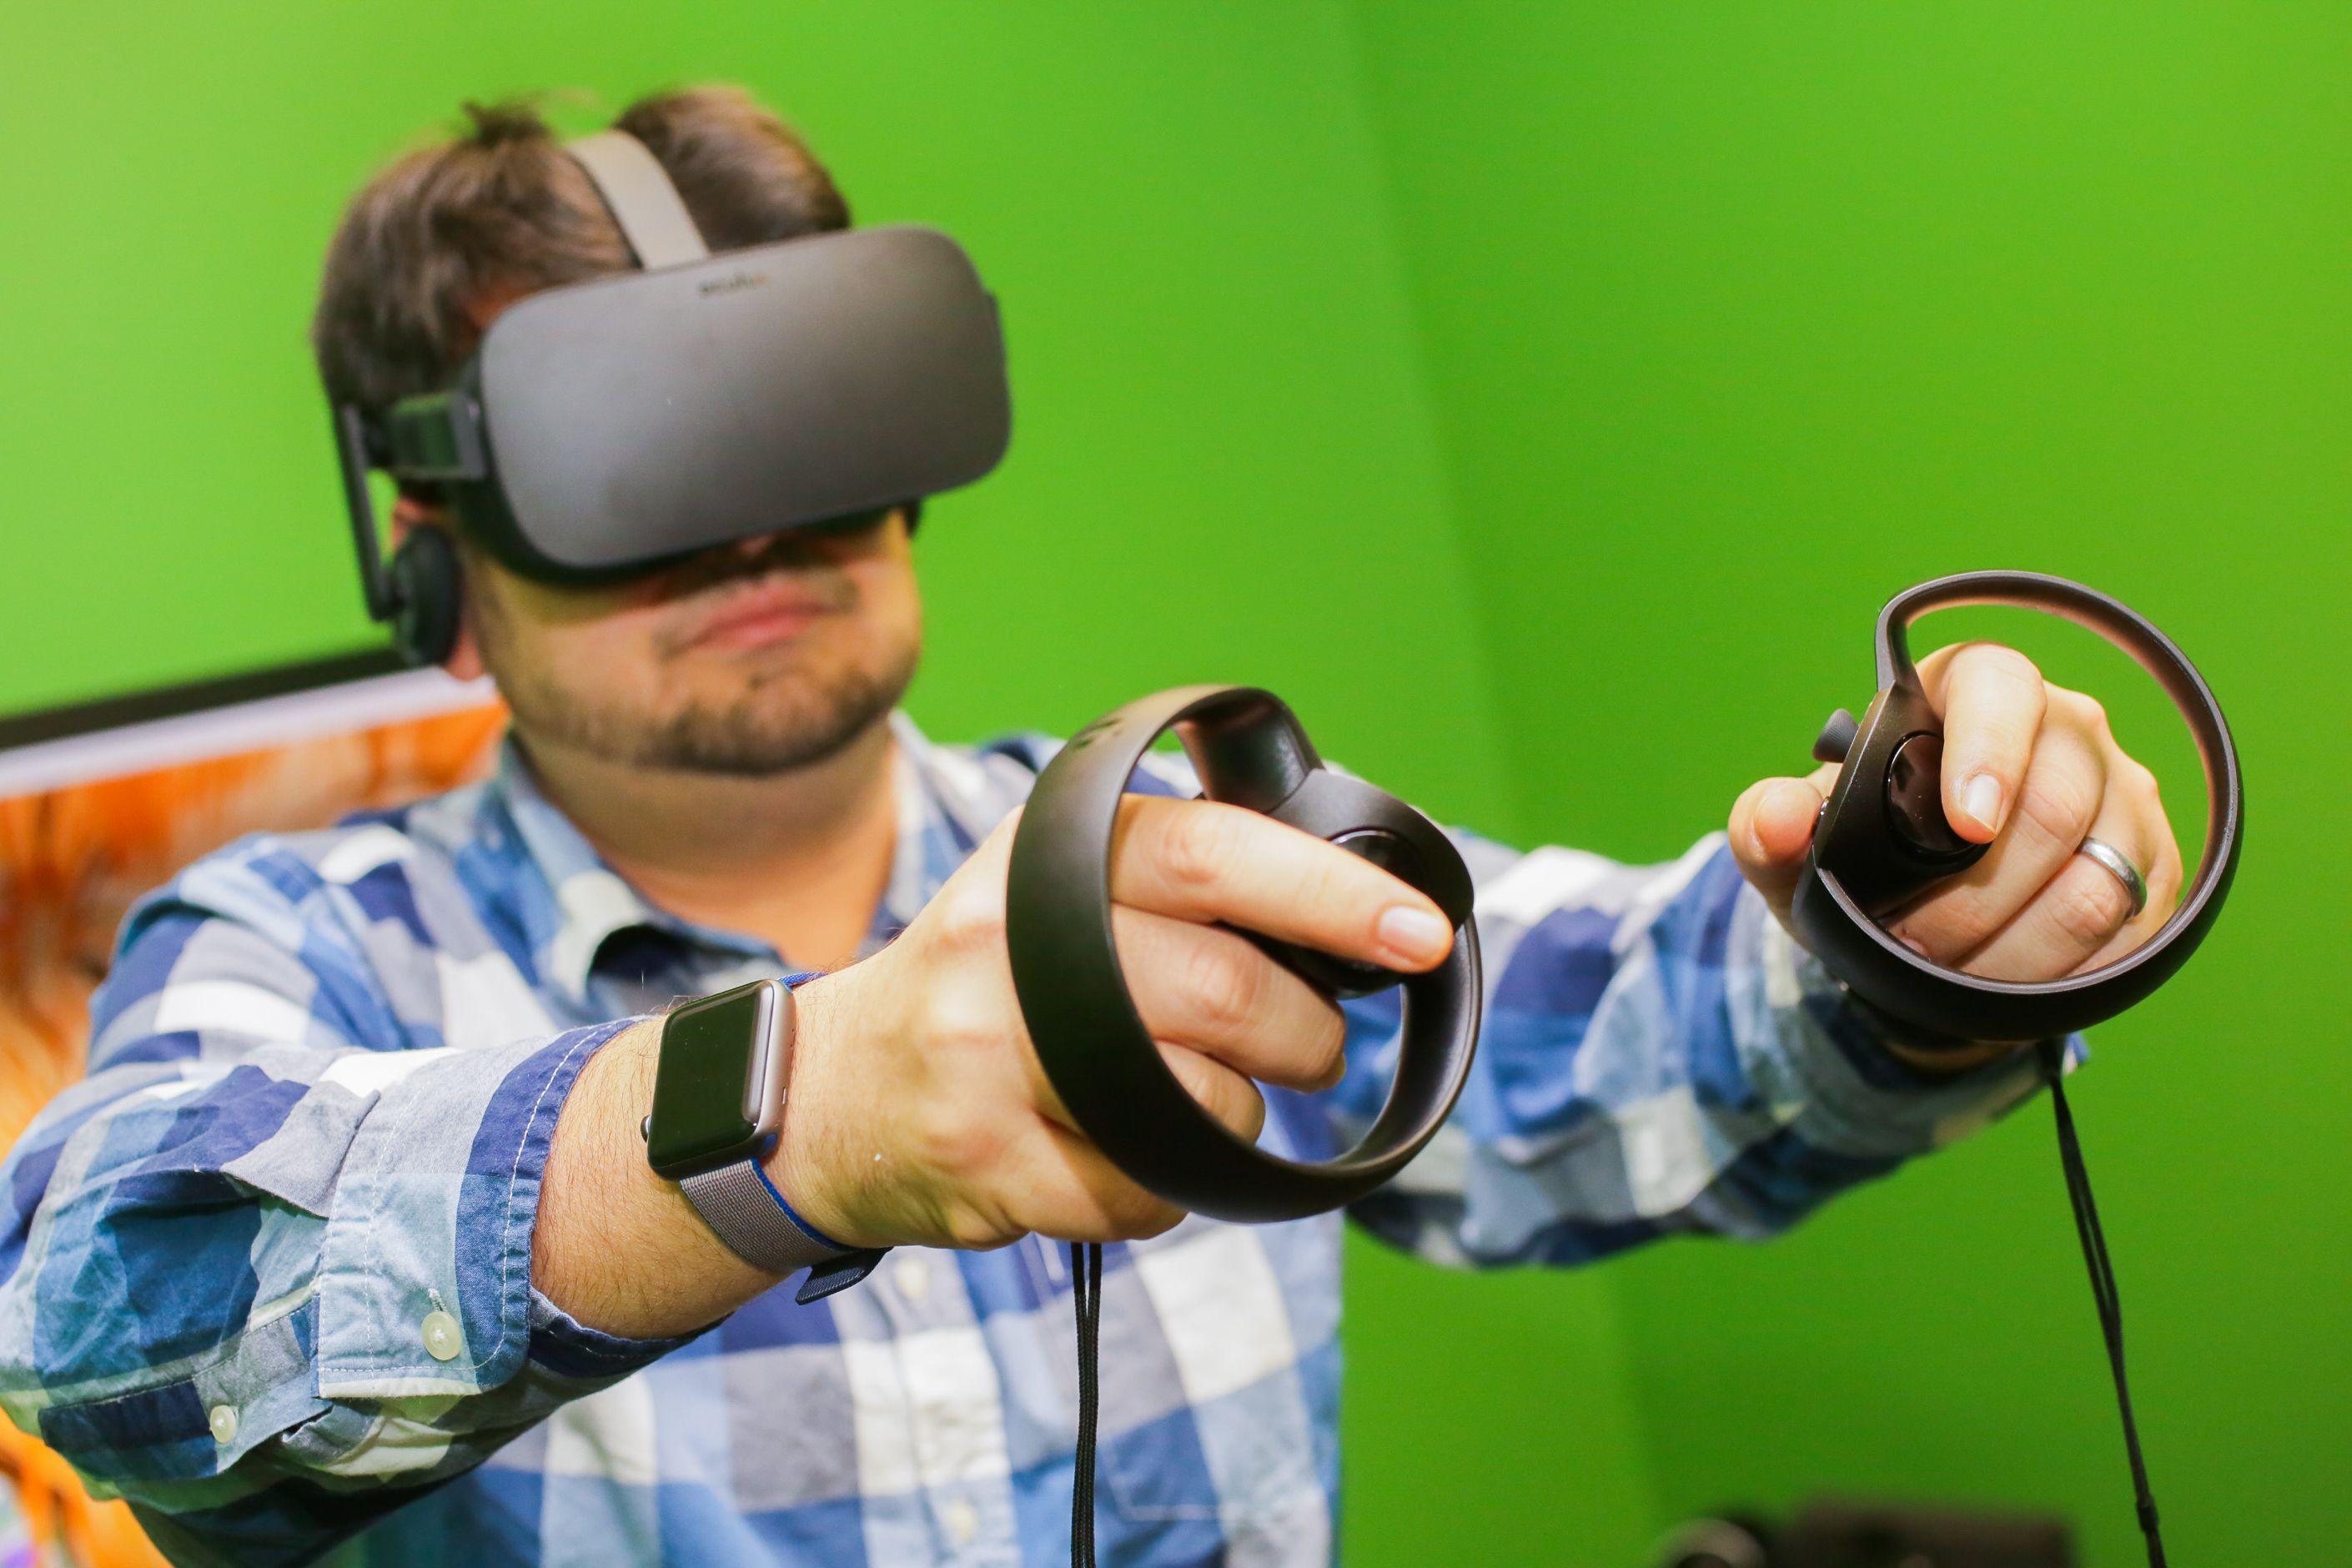 「Oculus Rift」と「Oculus Touch」